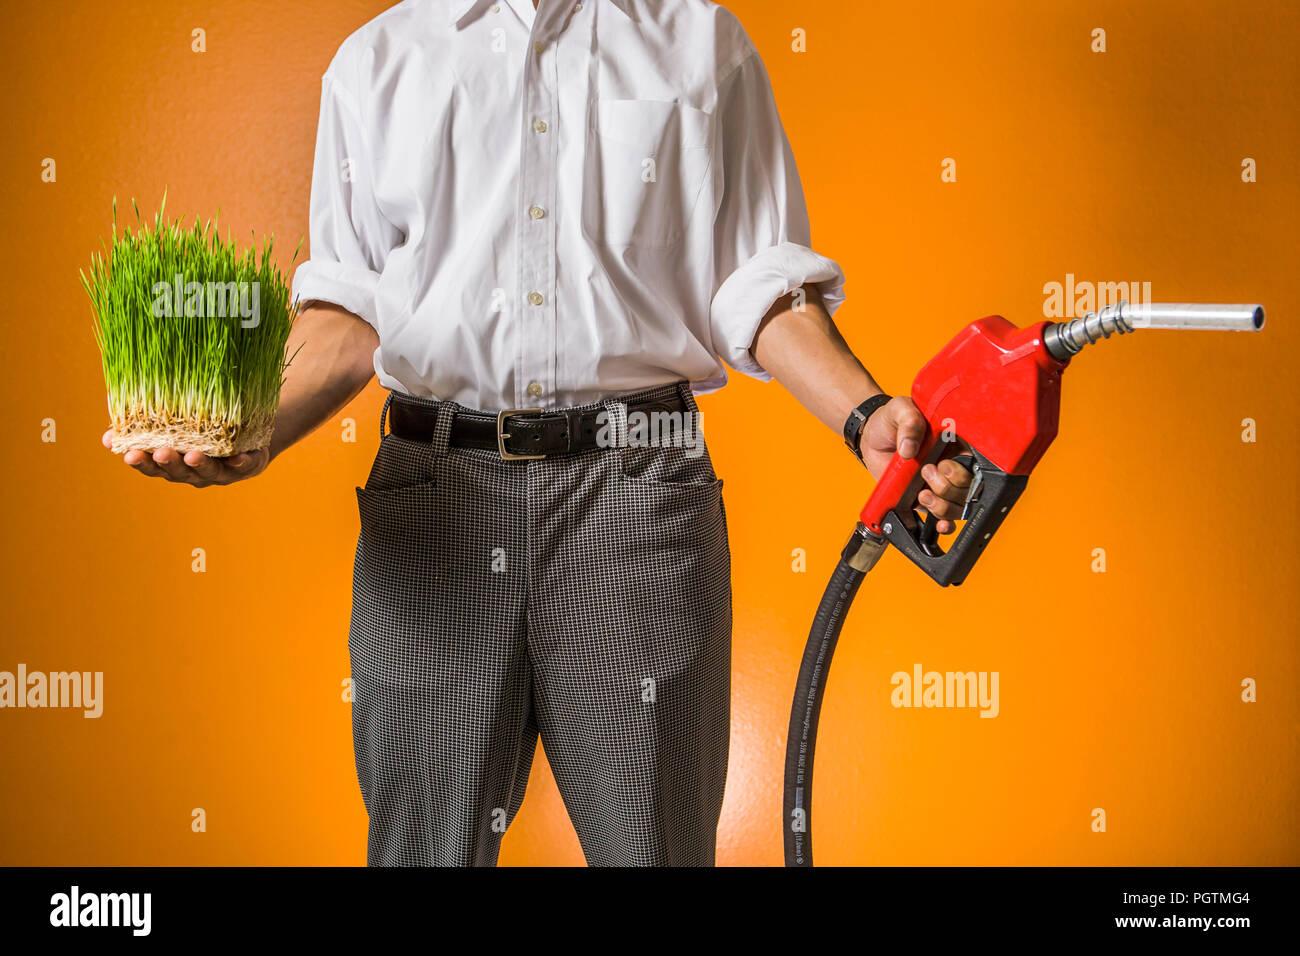 Un homme tenant une télévision d'herbe de blé dans une main et une buse d'essence dans l'autre. Concept de carburants verts contre les combustibles fossiles. Photo Stock